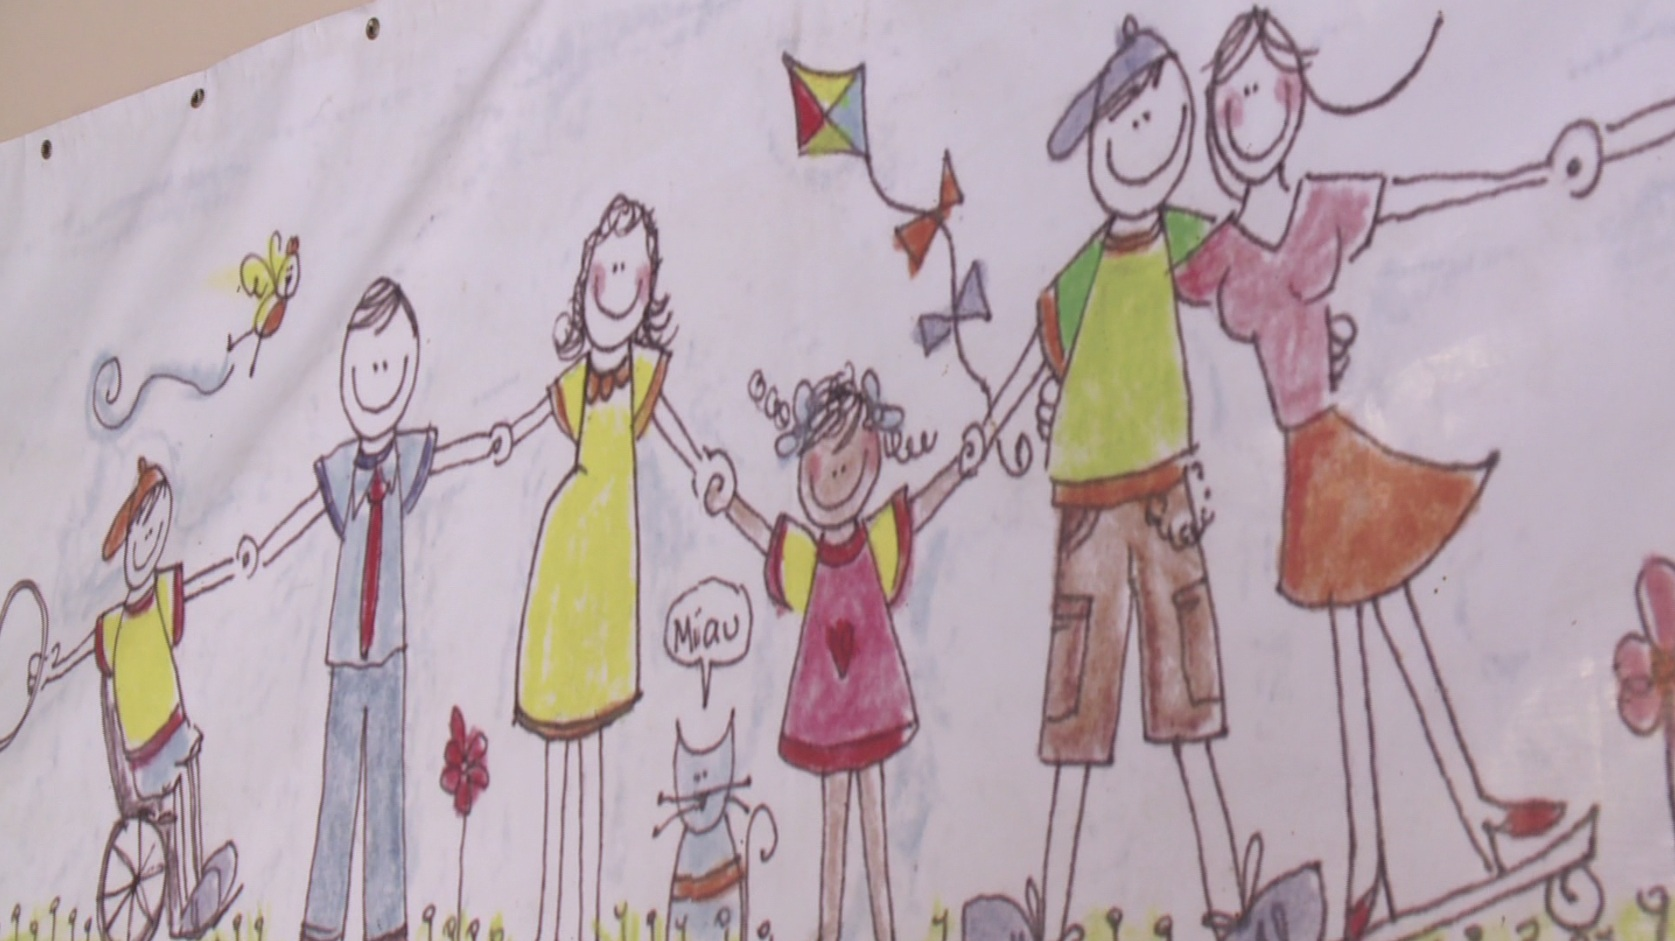 Campanha contra o abuso sexual de crianças e adolescentes acontece em Fortaleza